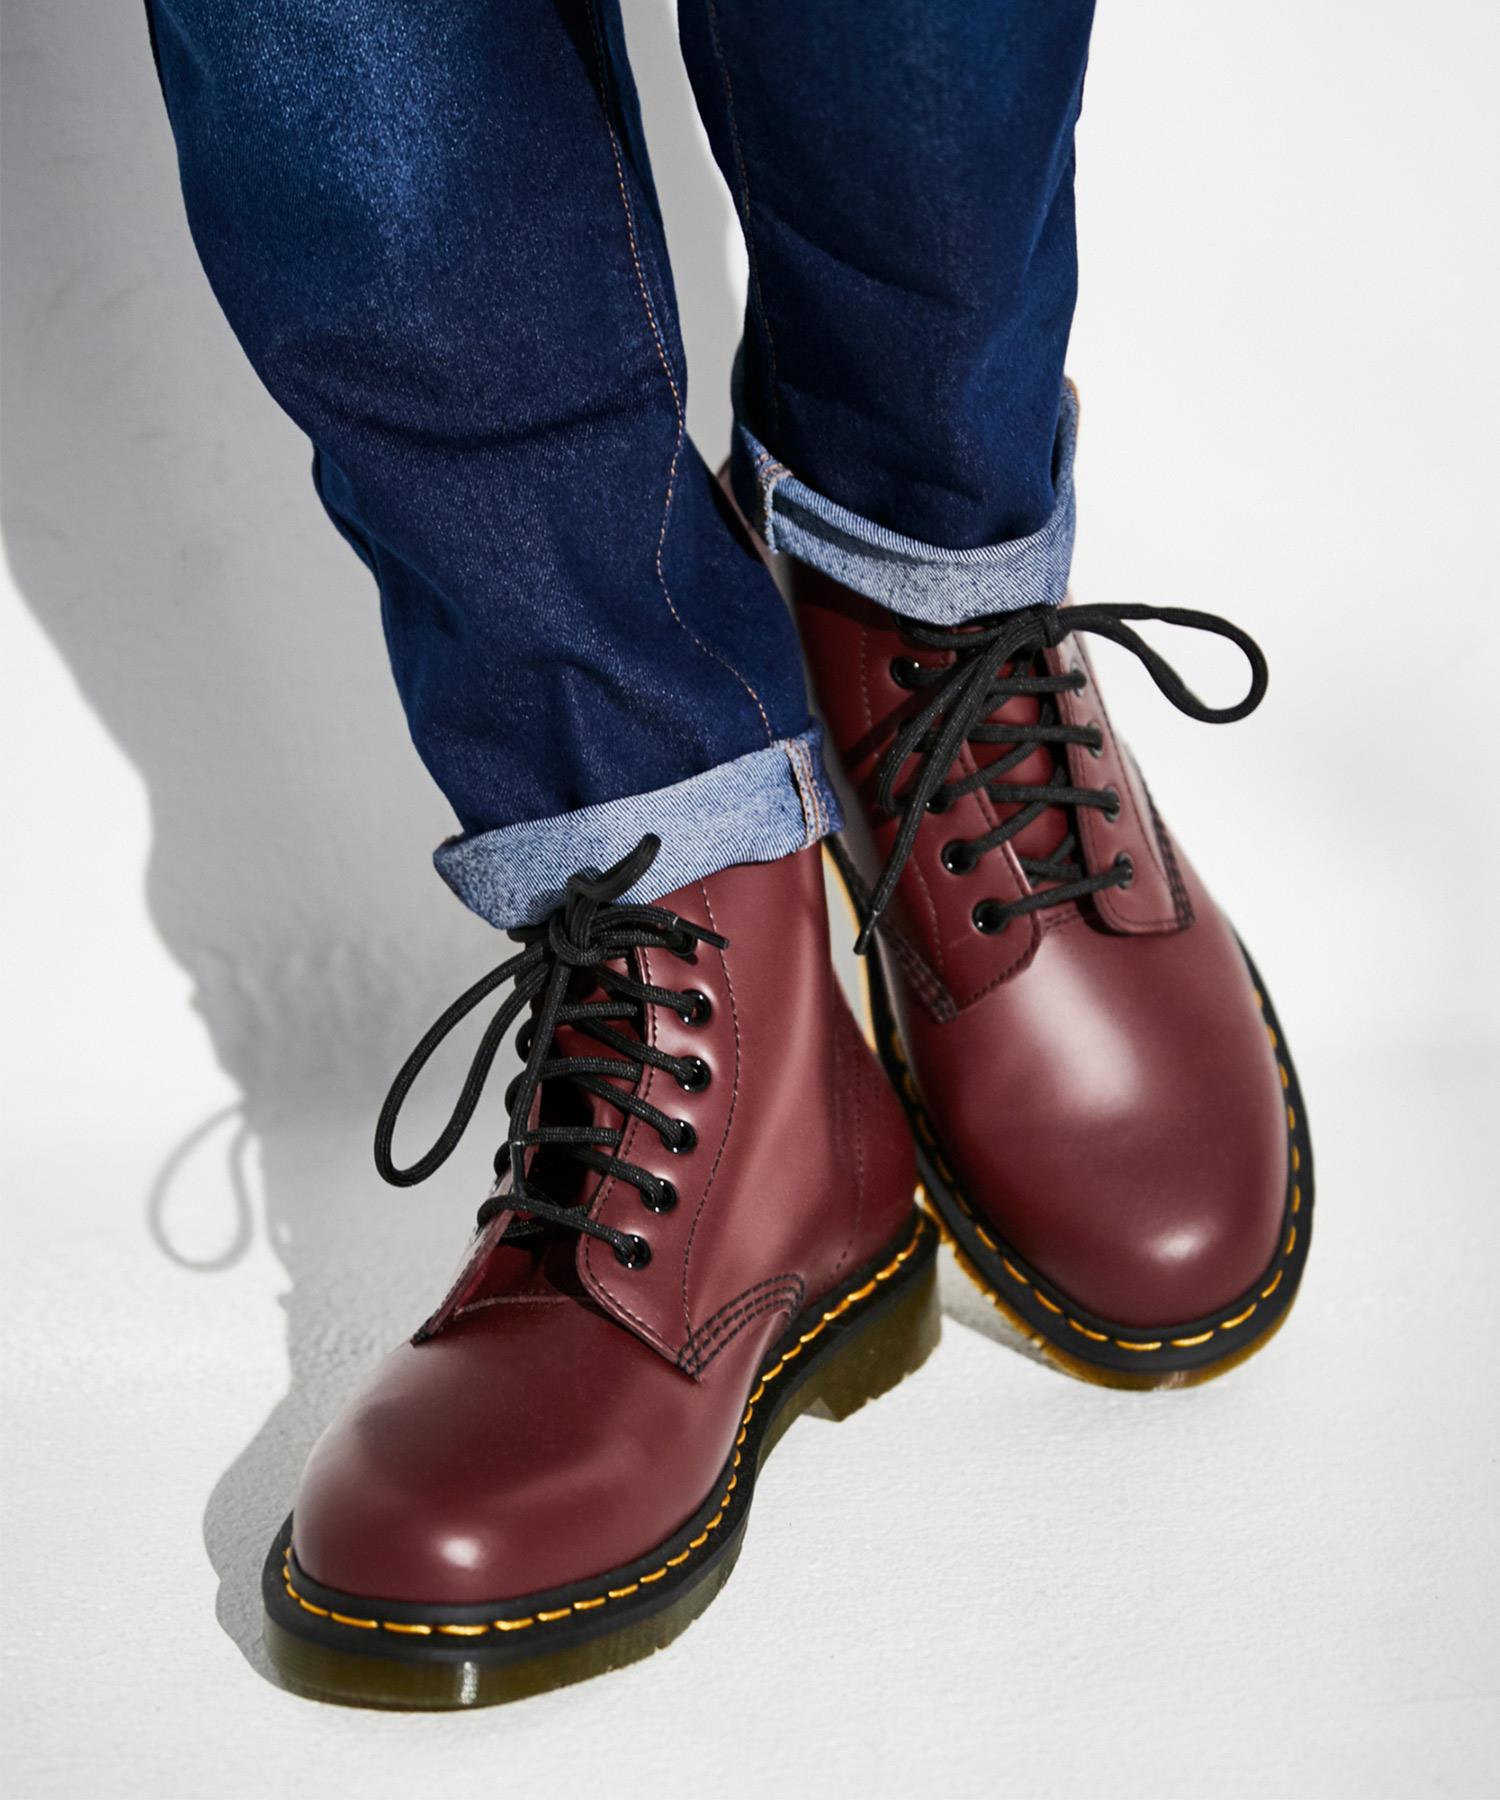 Dr.Martens ドクターマーチン 1460 8EYEBOOT 8ホール ブーツ シューズ